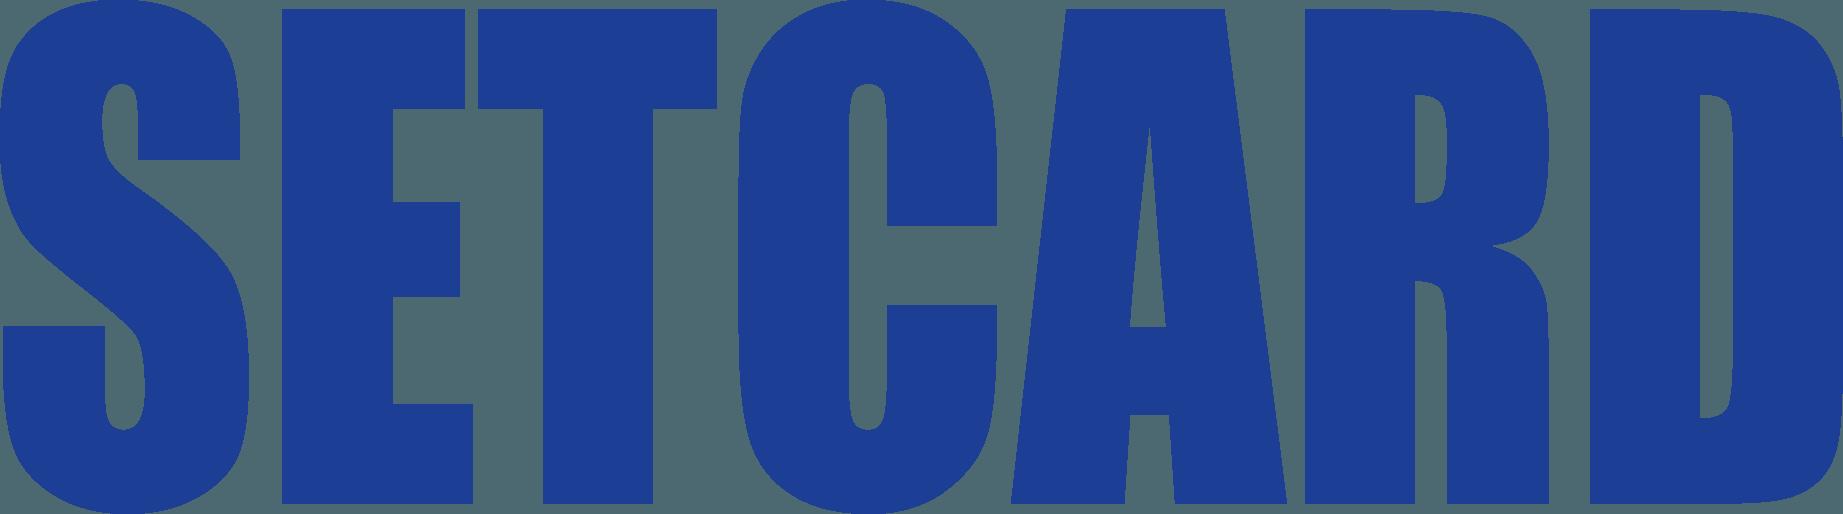 Setcard Logo [setcard.com.tr] png